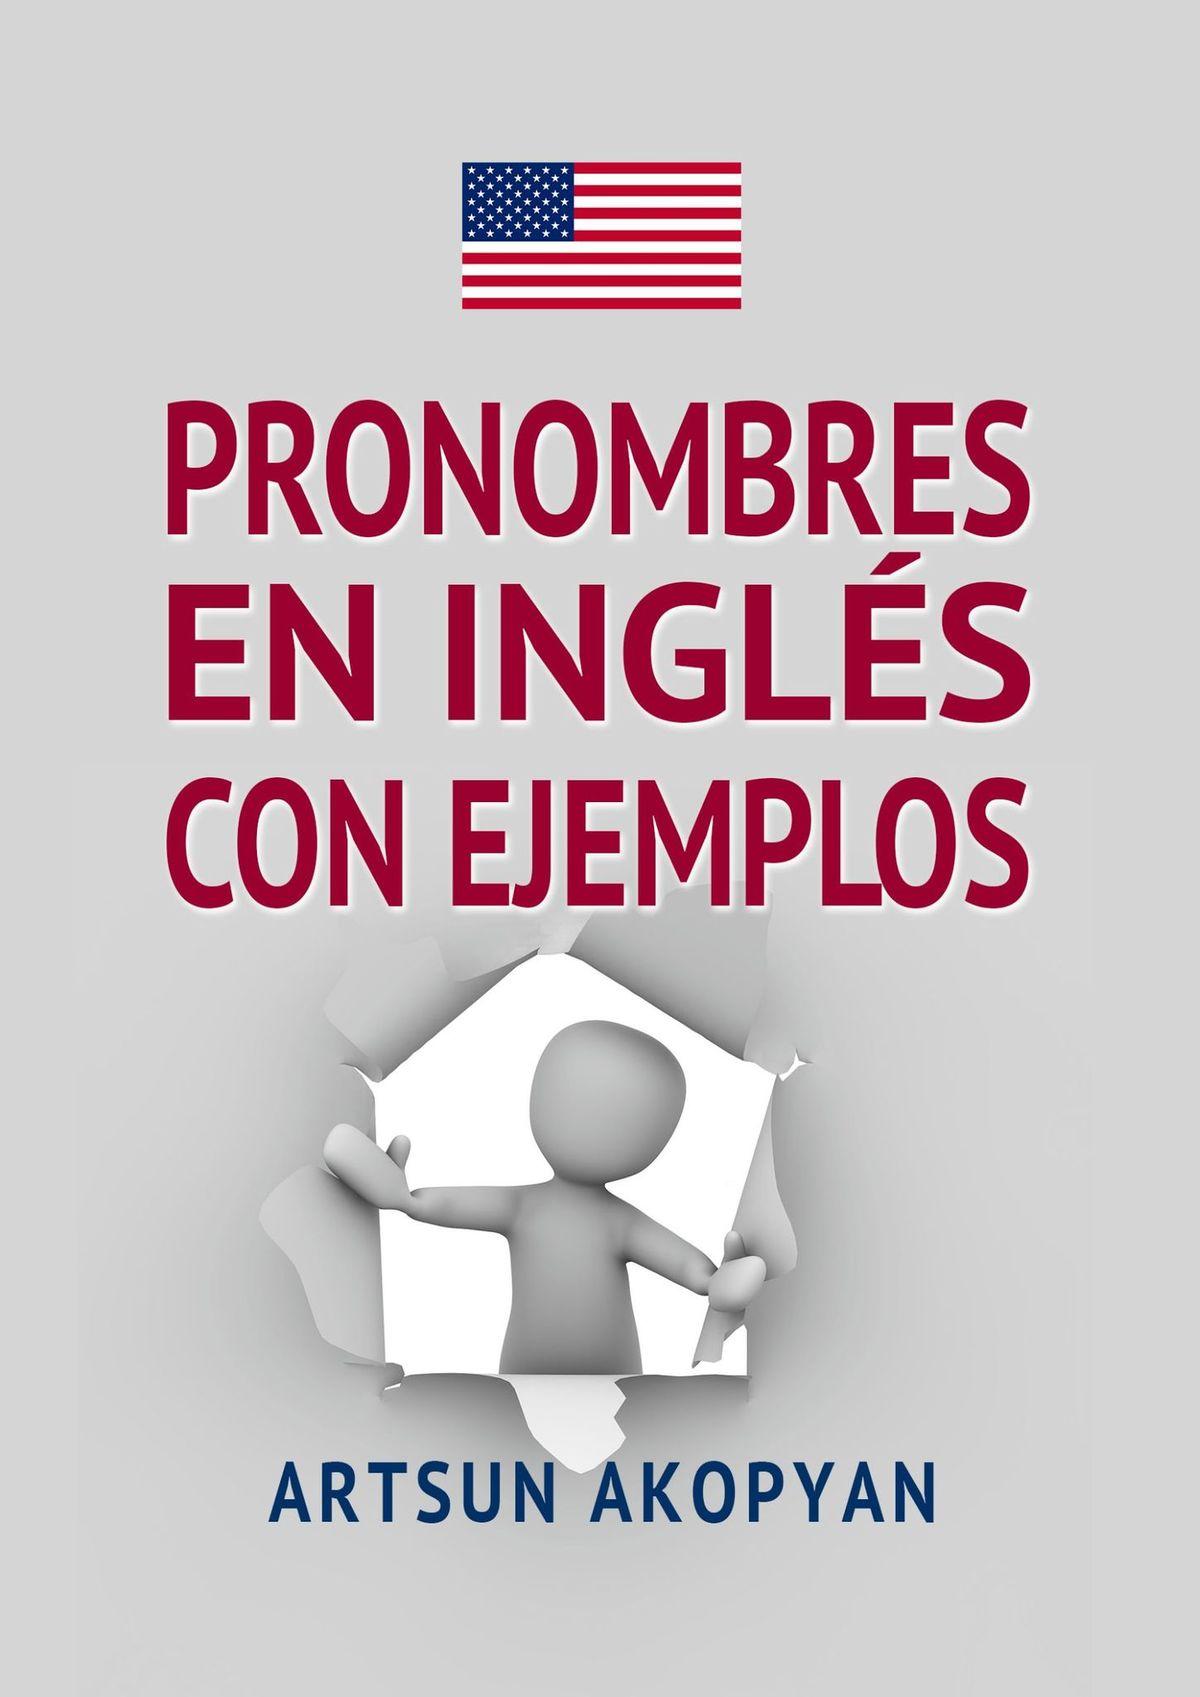 Artsun Akopyan Pronombres en inglés con ejemplos espanol segunda lengua educacion secundaria cuaderno de ejercicios